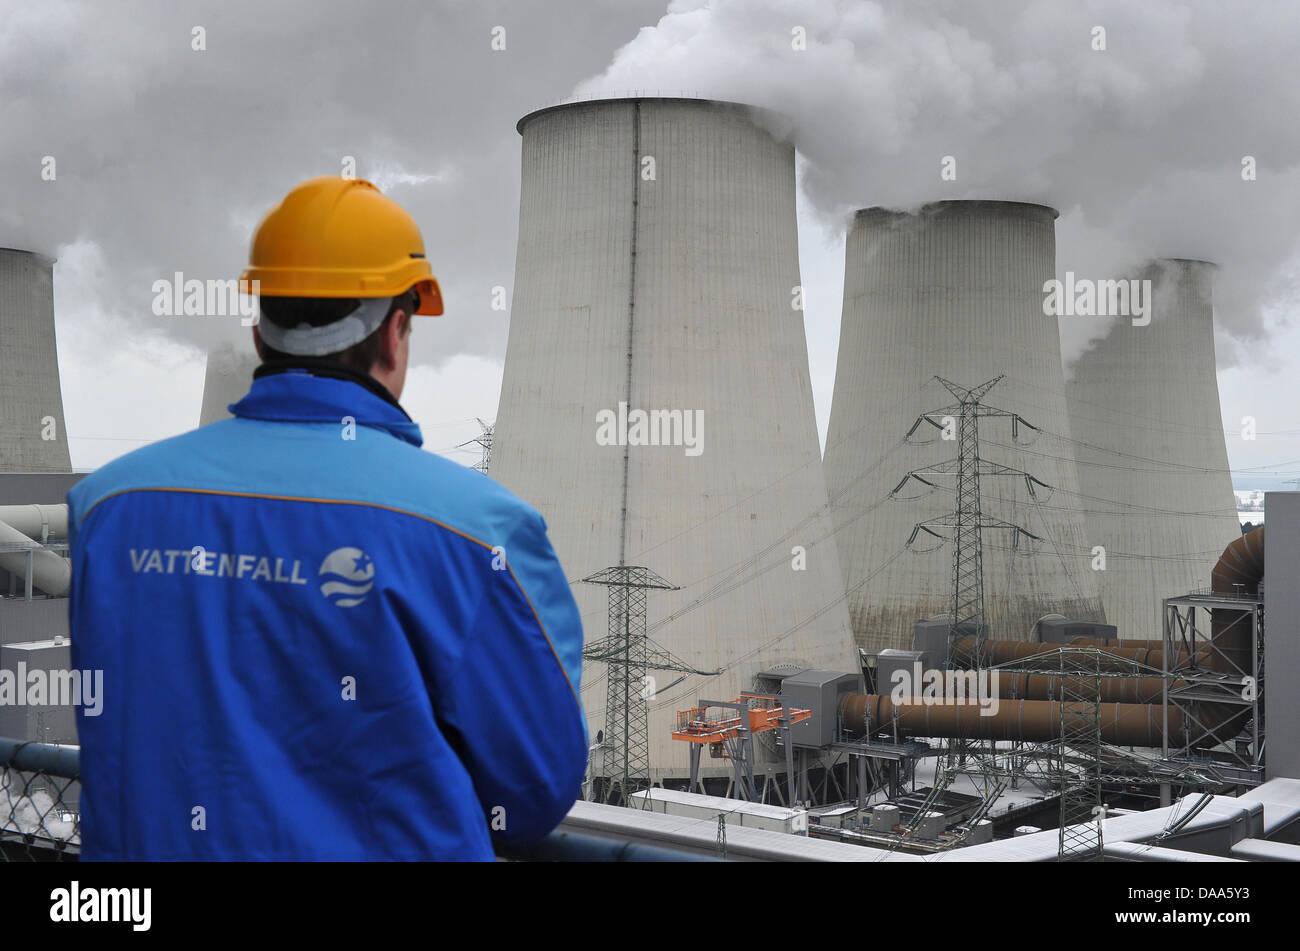 Wunderbar Kraftwerk Kessel Diagramm Bilder - Elektrische Schaltplan ...